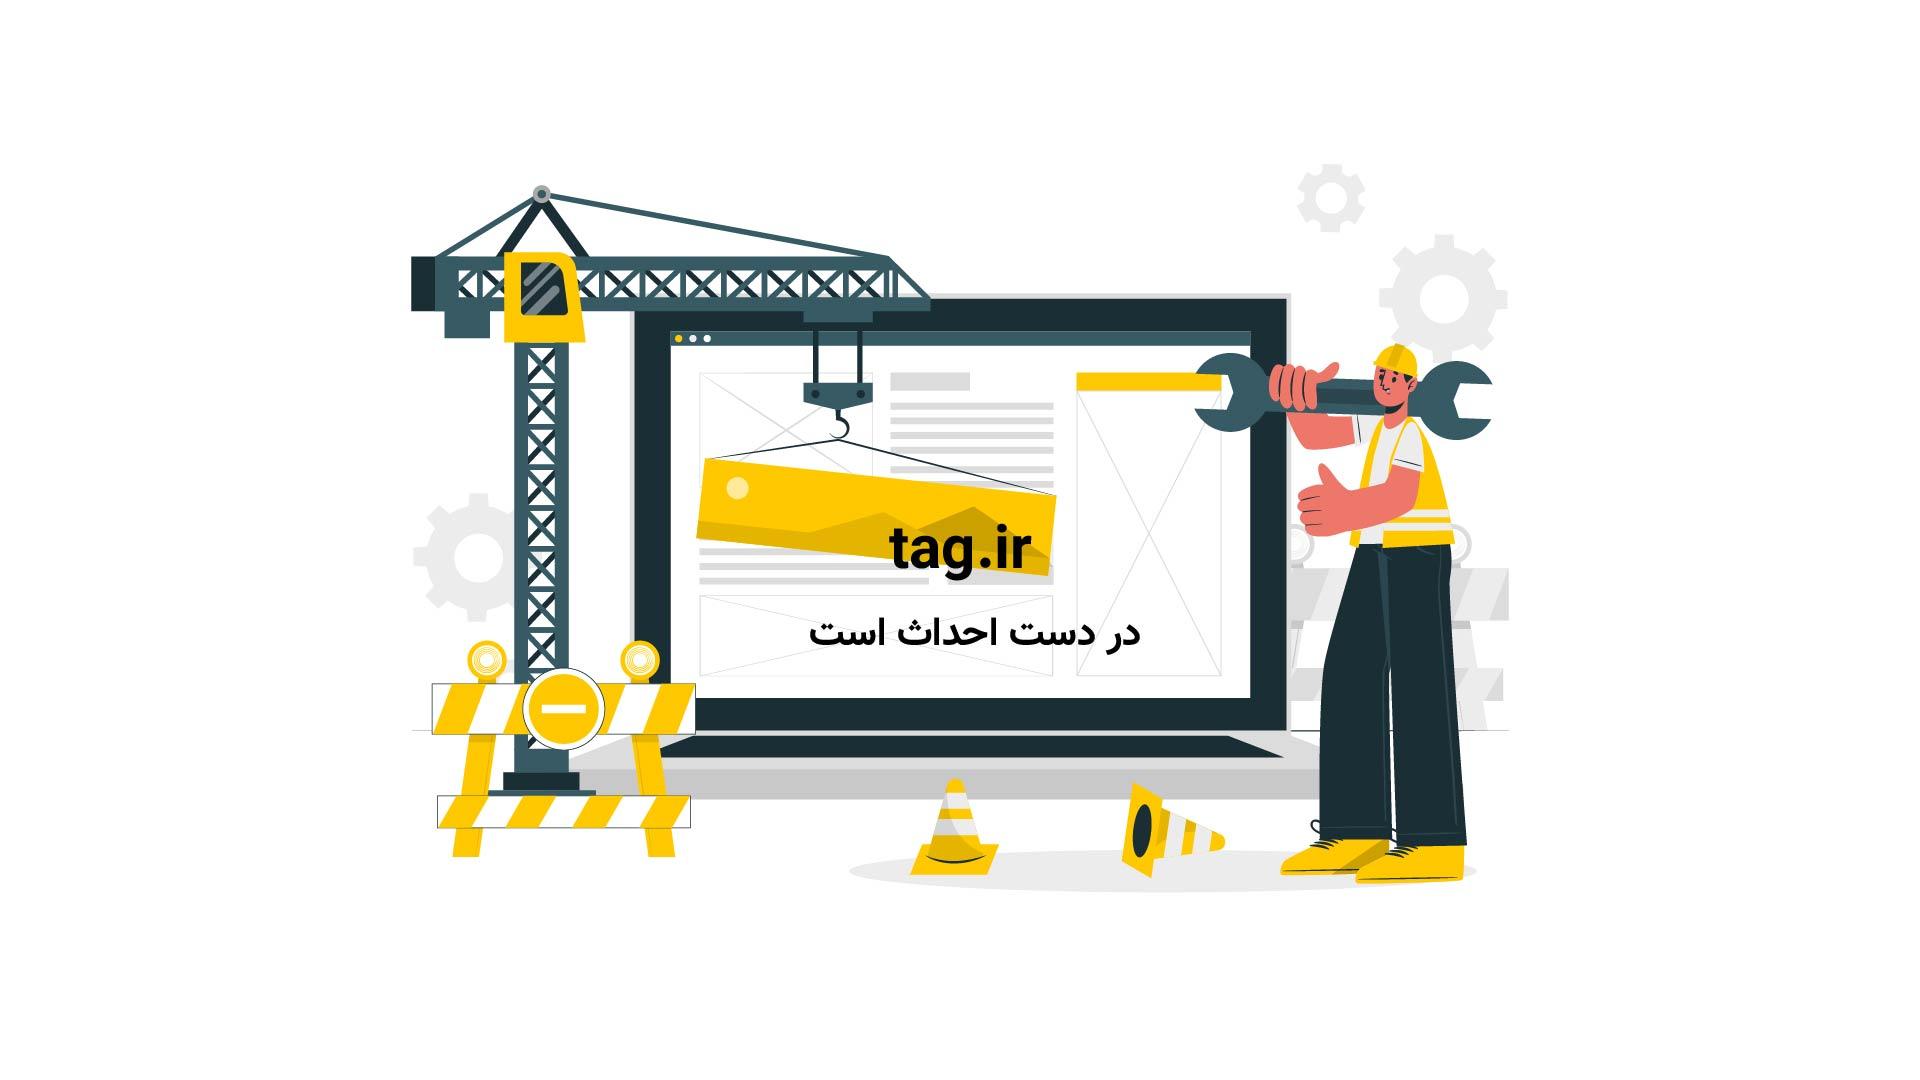 زلزله ۶.۲ ریشتری در هجدک کرمان | فیلم